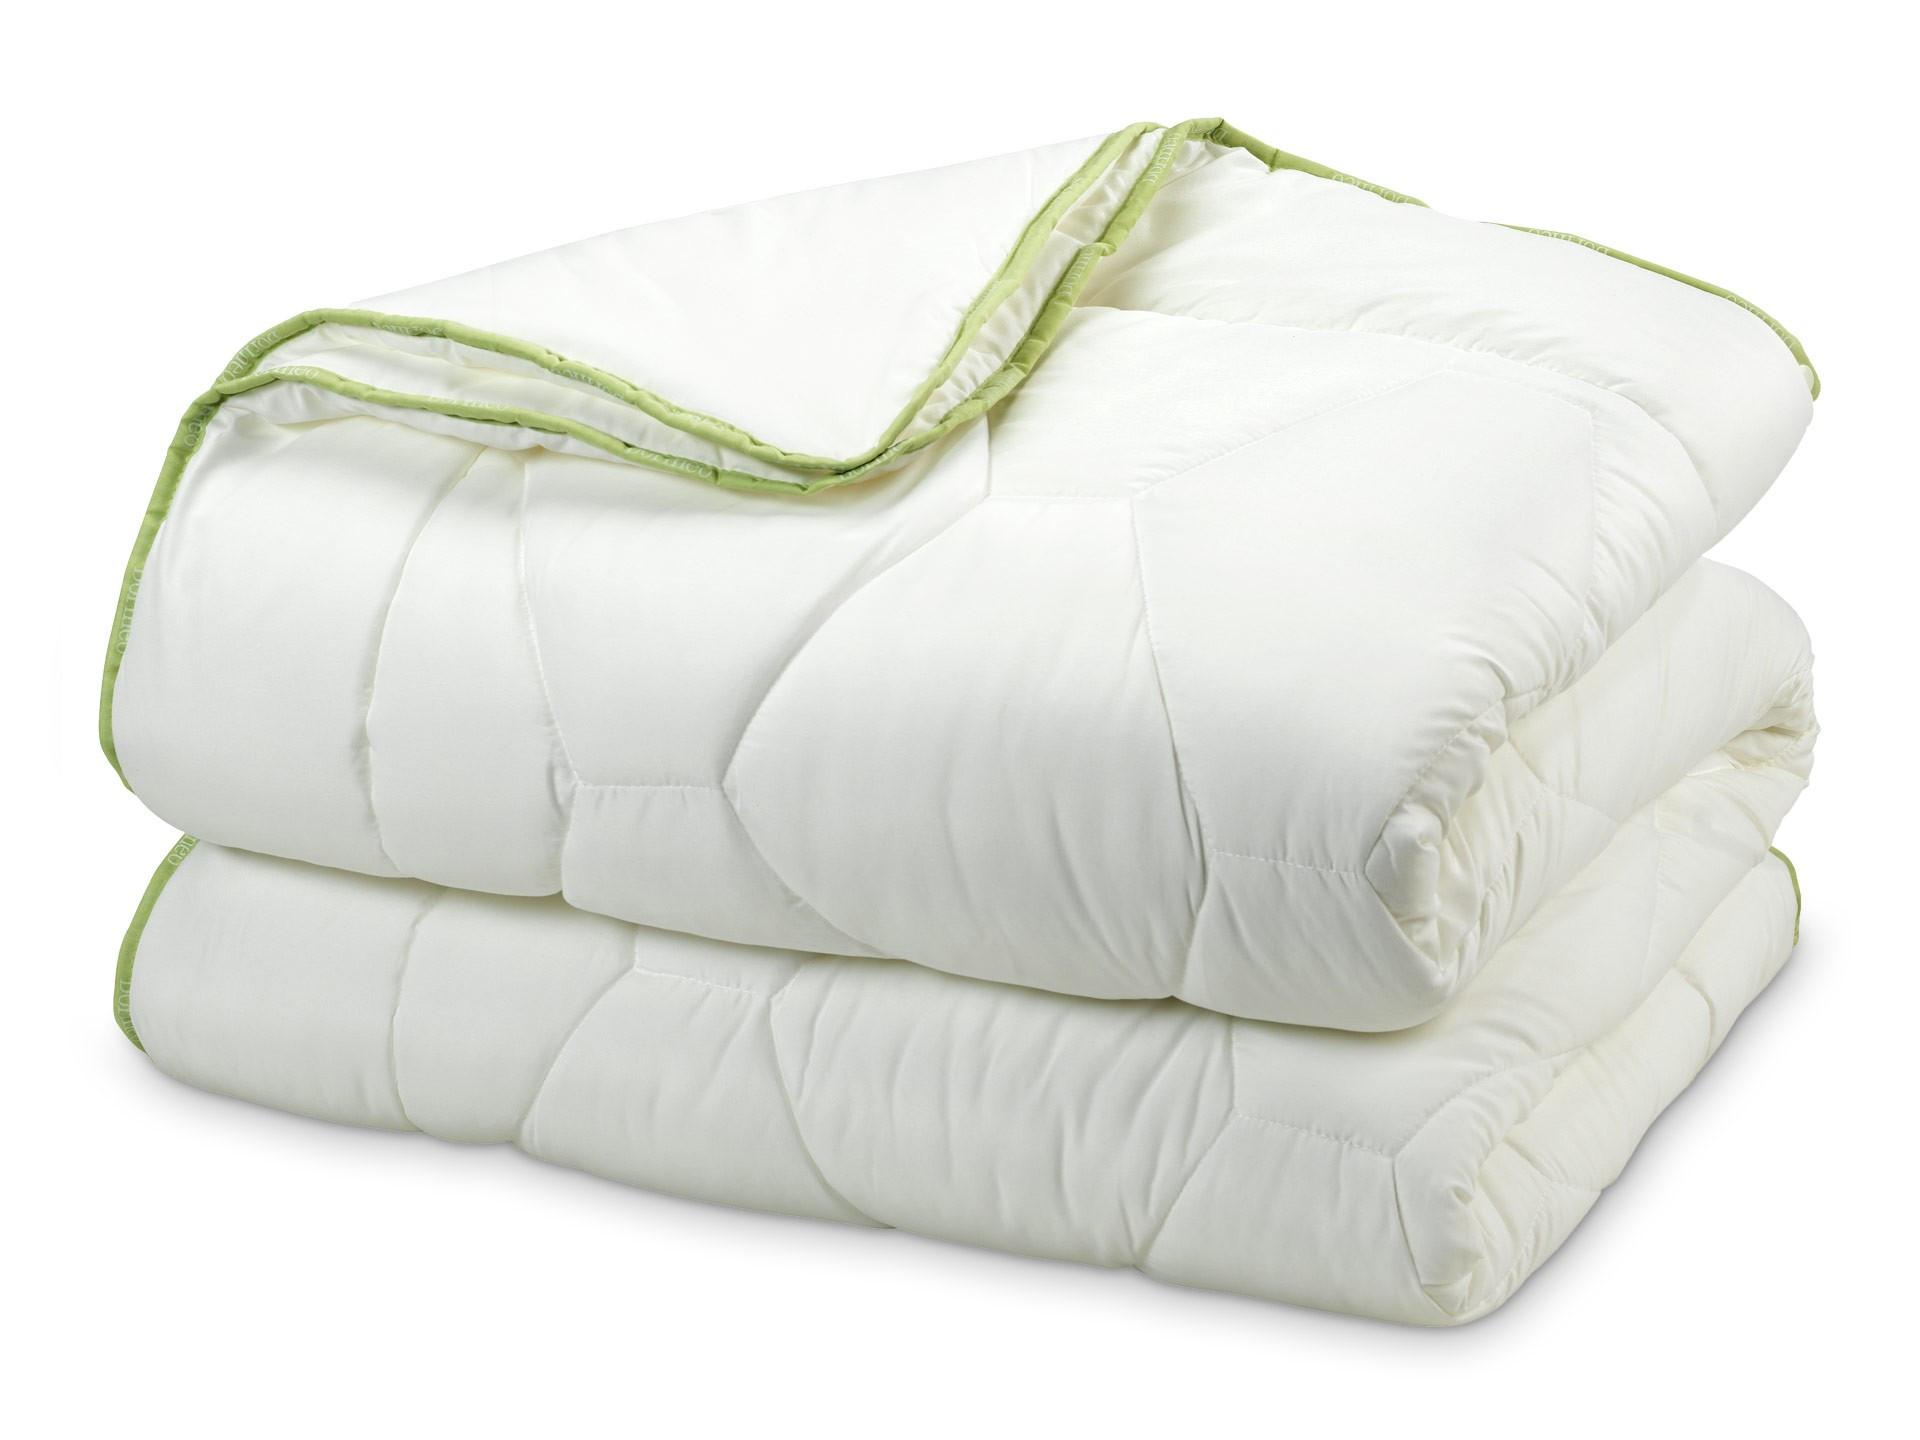 АЛОЕ ВЕРА 4 СЕЗОНА V3 - одеяло ТМ DORMEO (Италия) - купить по ... cc19a45a61562